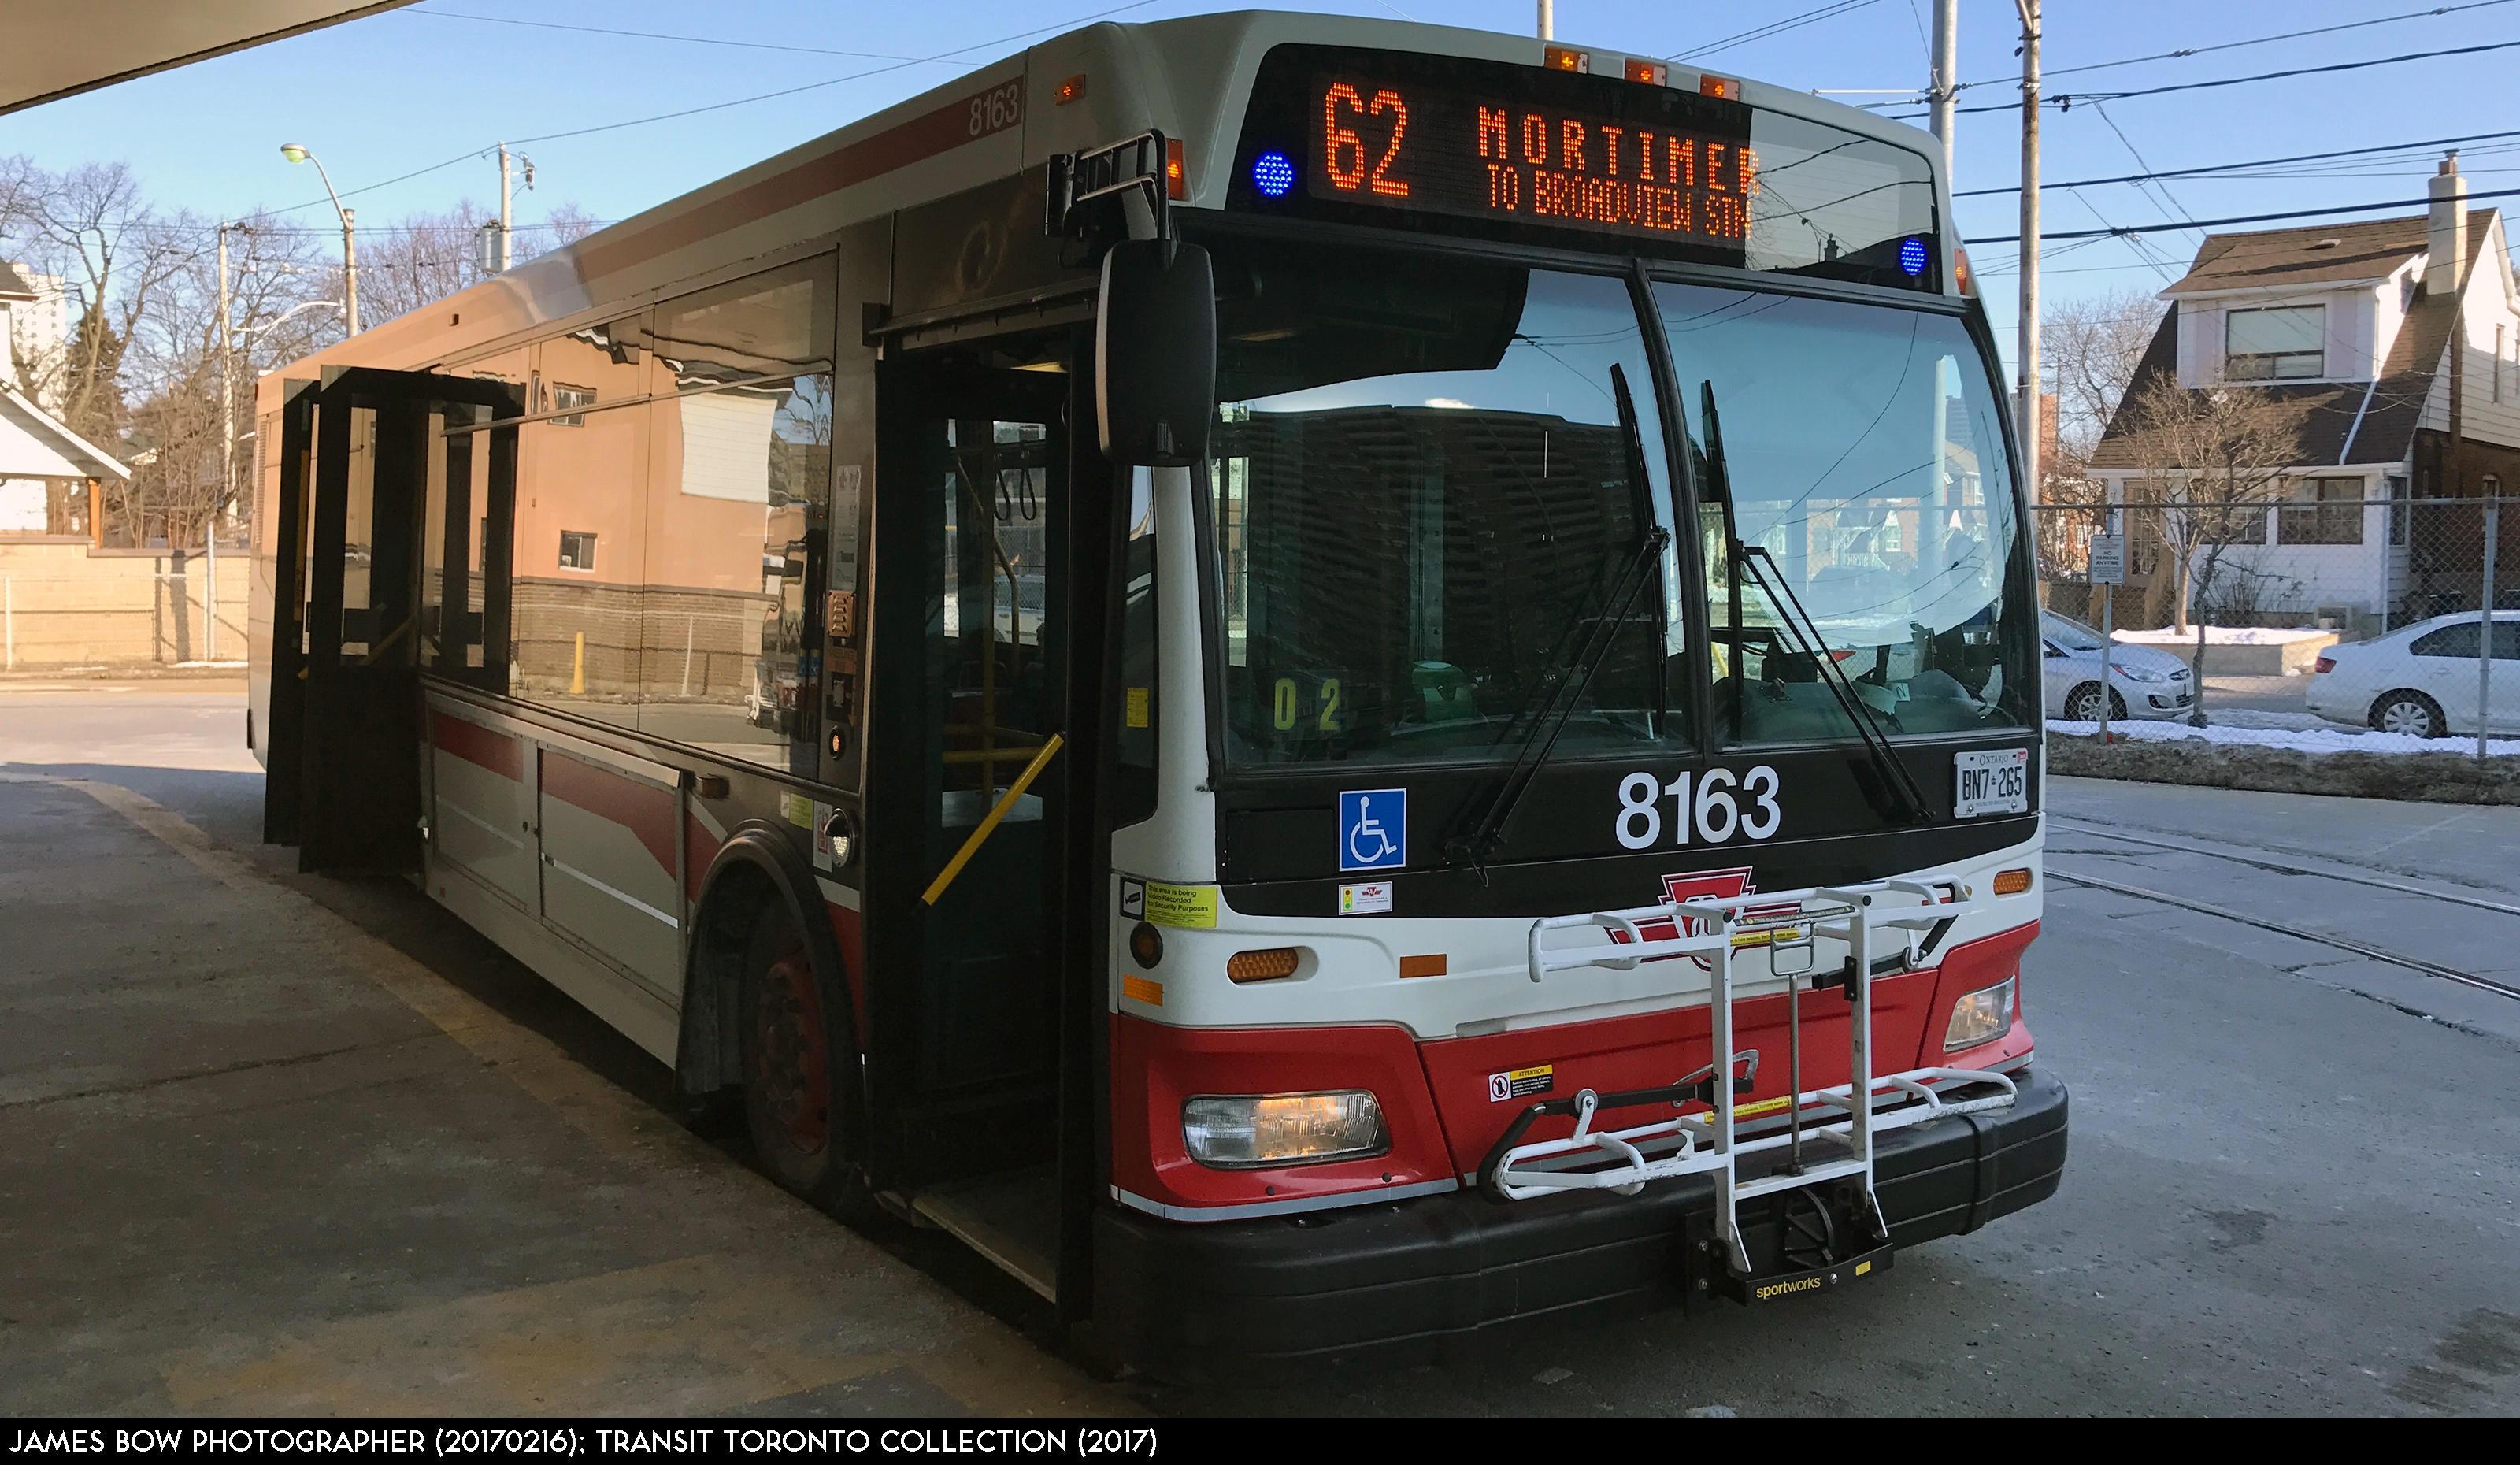 TTC 8163 20170216